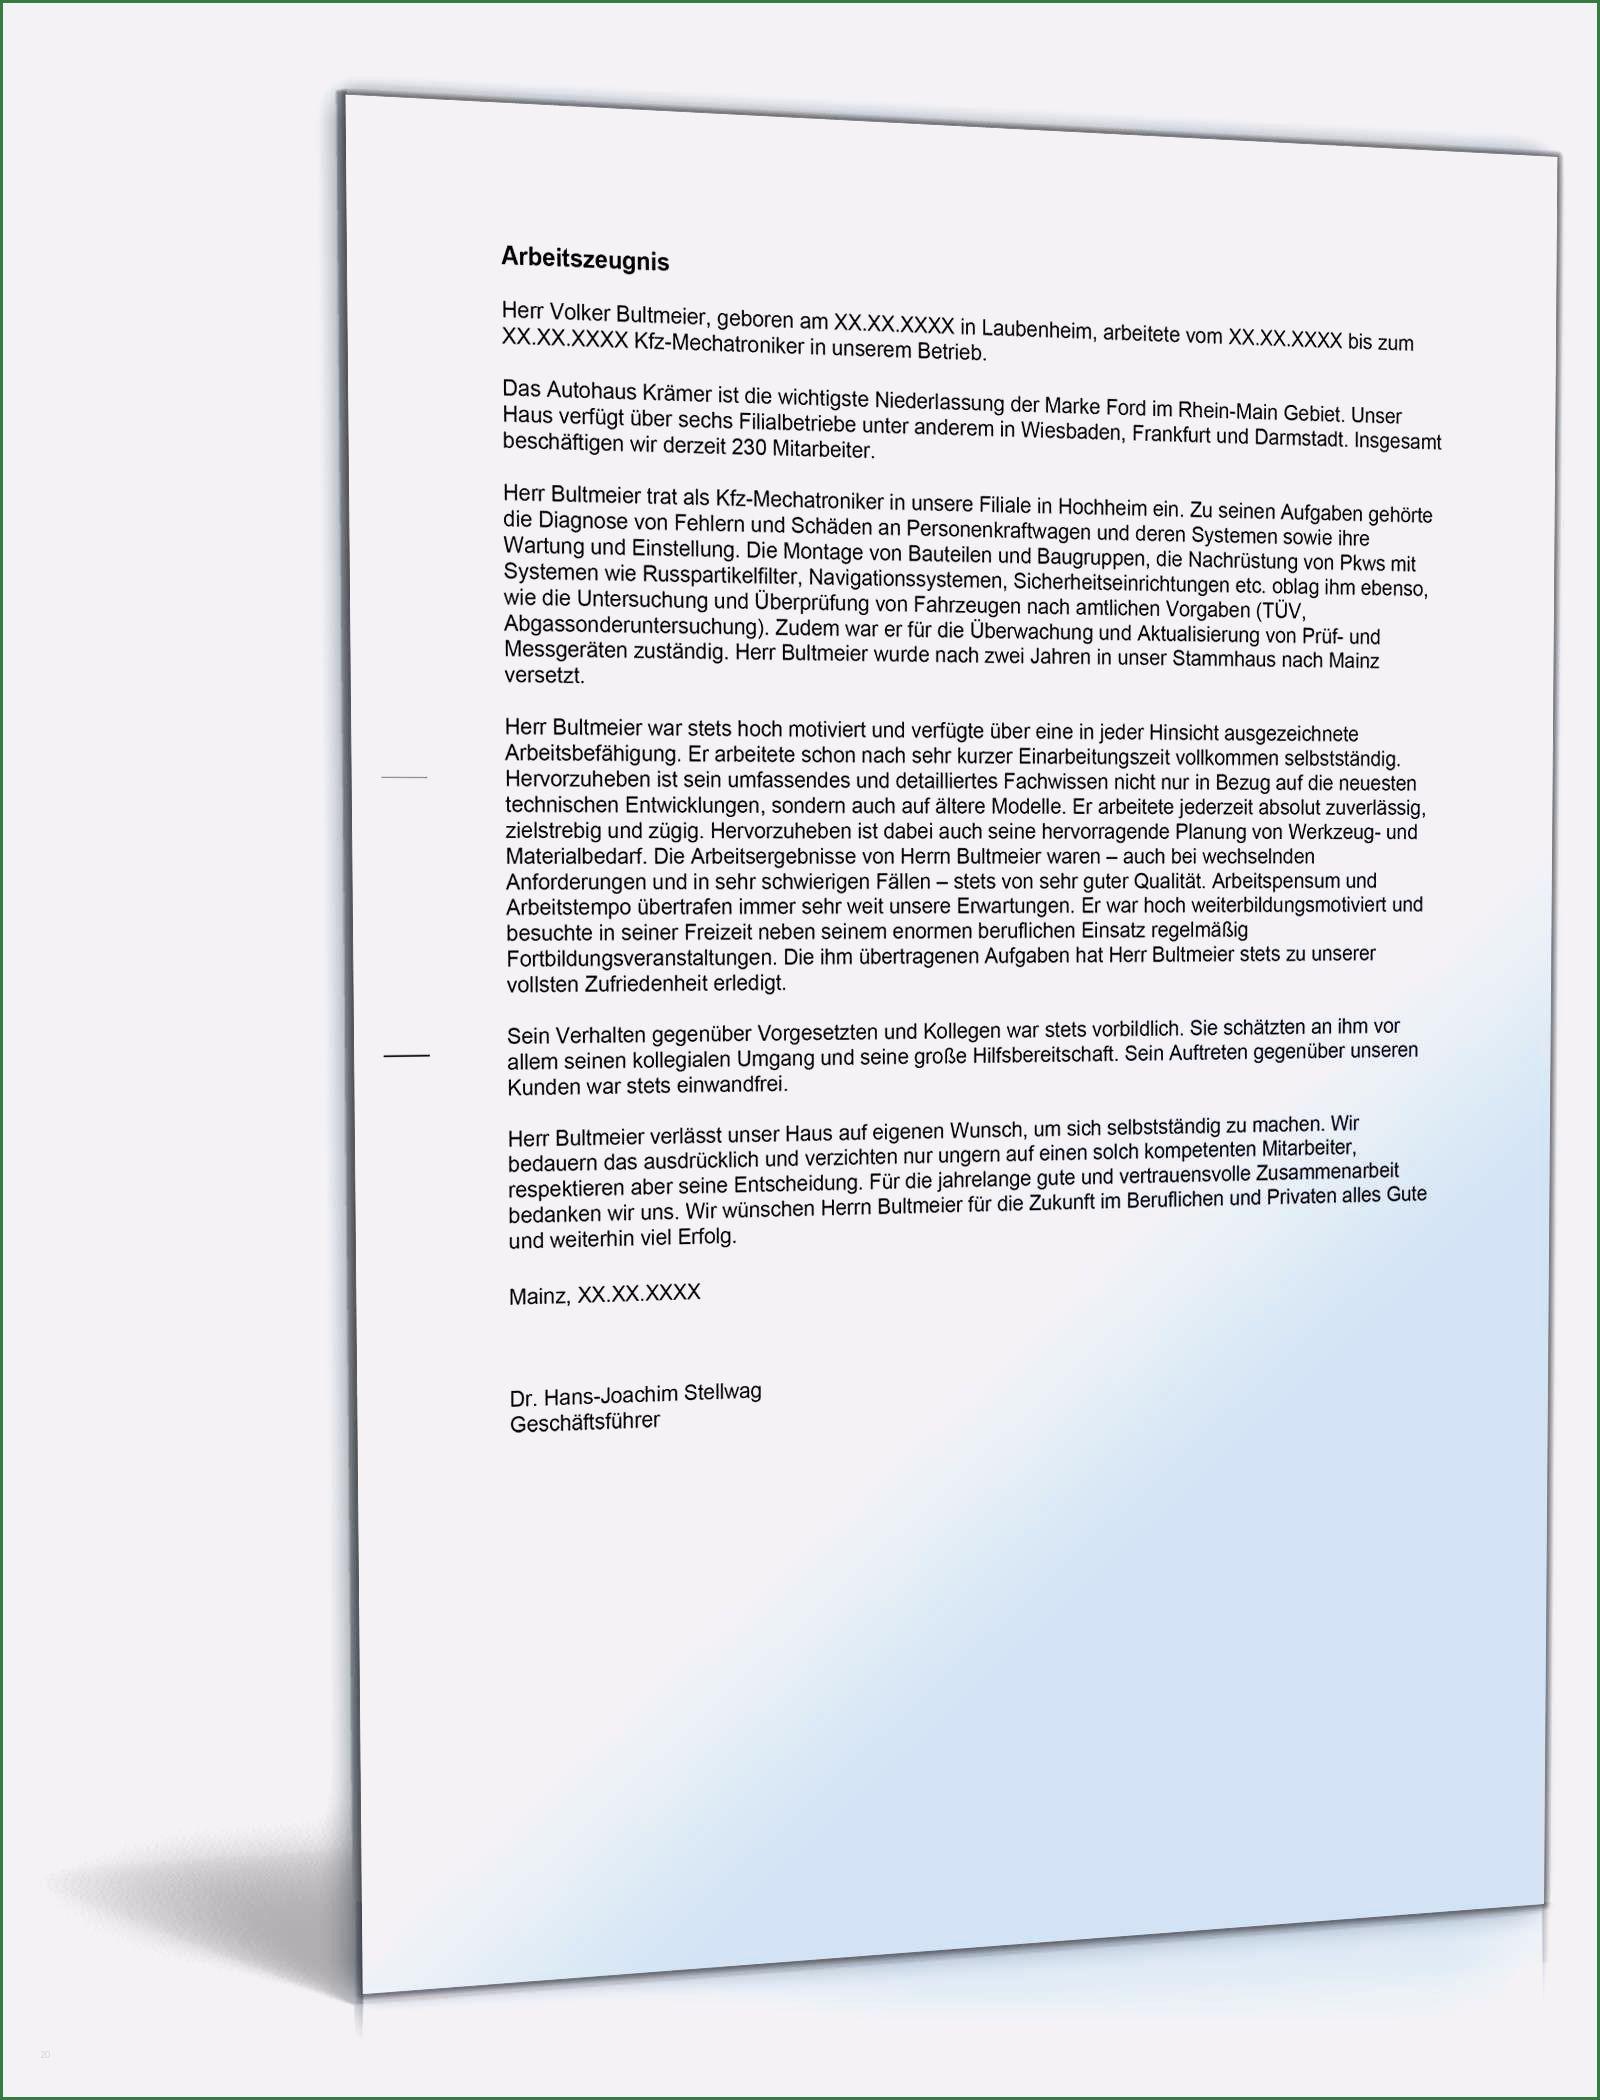 ᐅ Arbeitszeugnis Muster Vorlagen Formulierungen 5